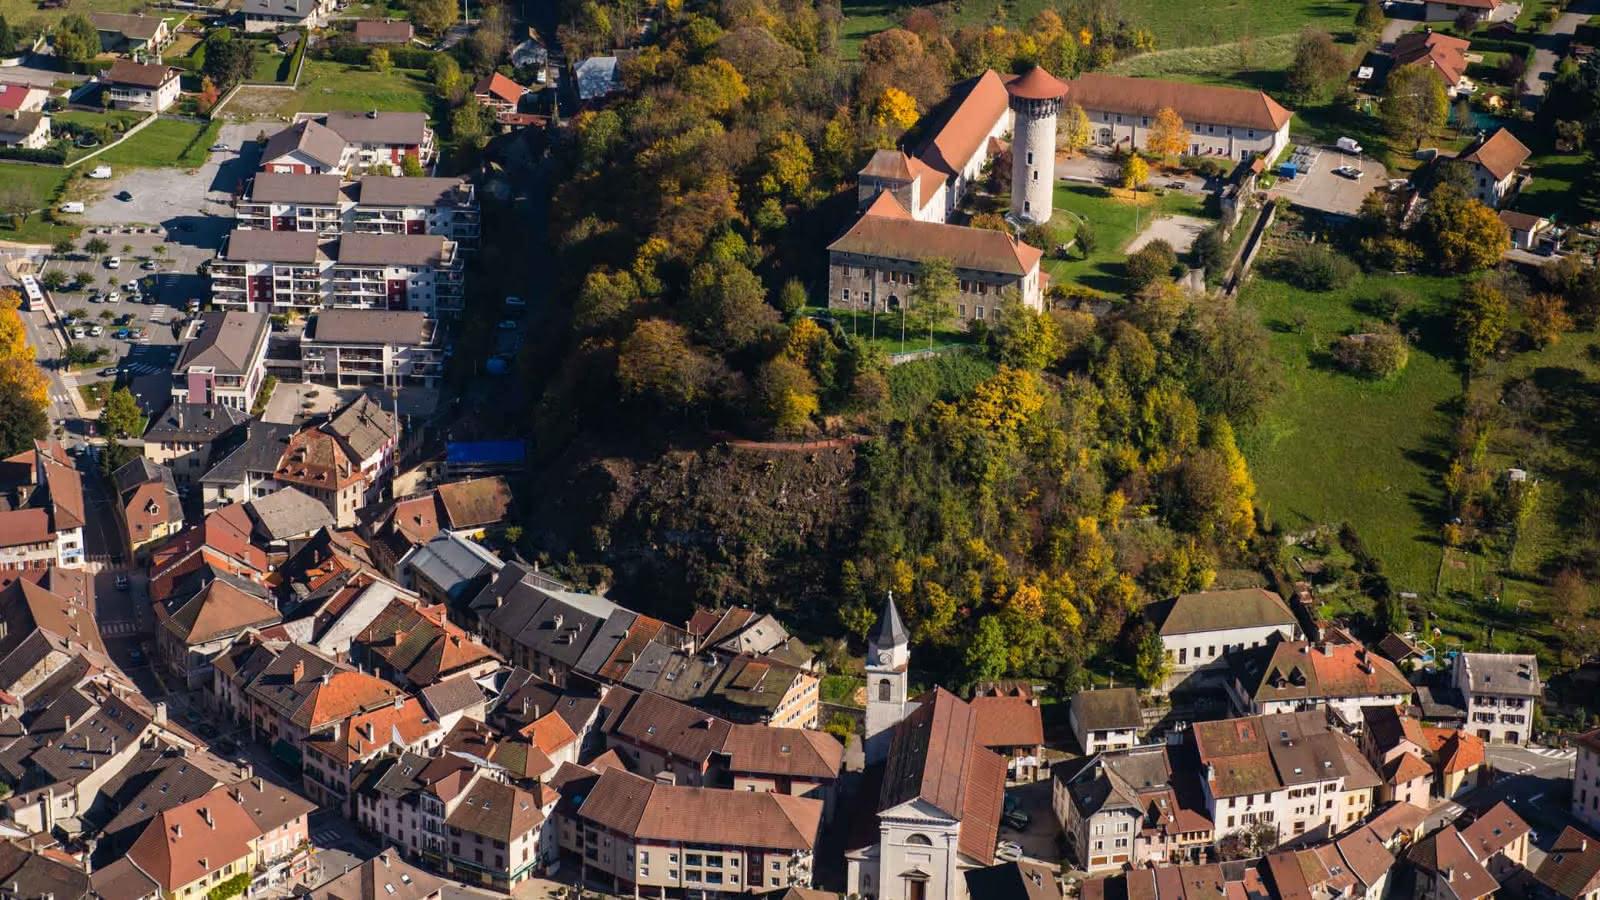 Vue aérienne du château de Faverges et du patrimoine urbain